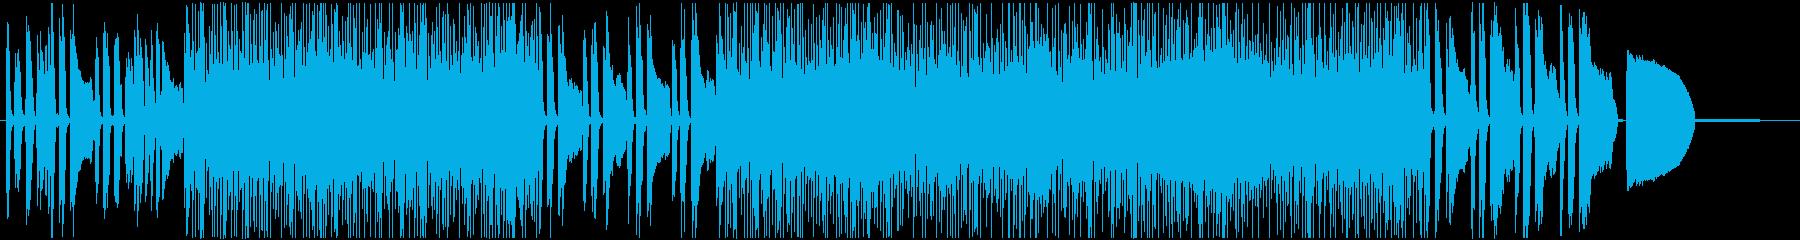 アンダースコアアニメーションや面白...の再生済みの波形